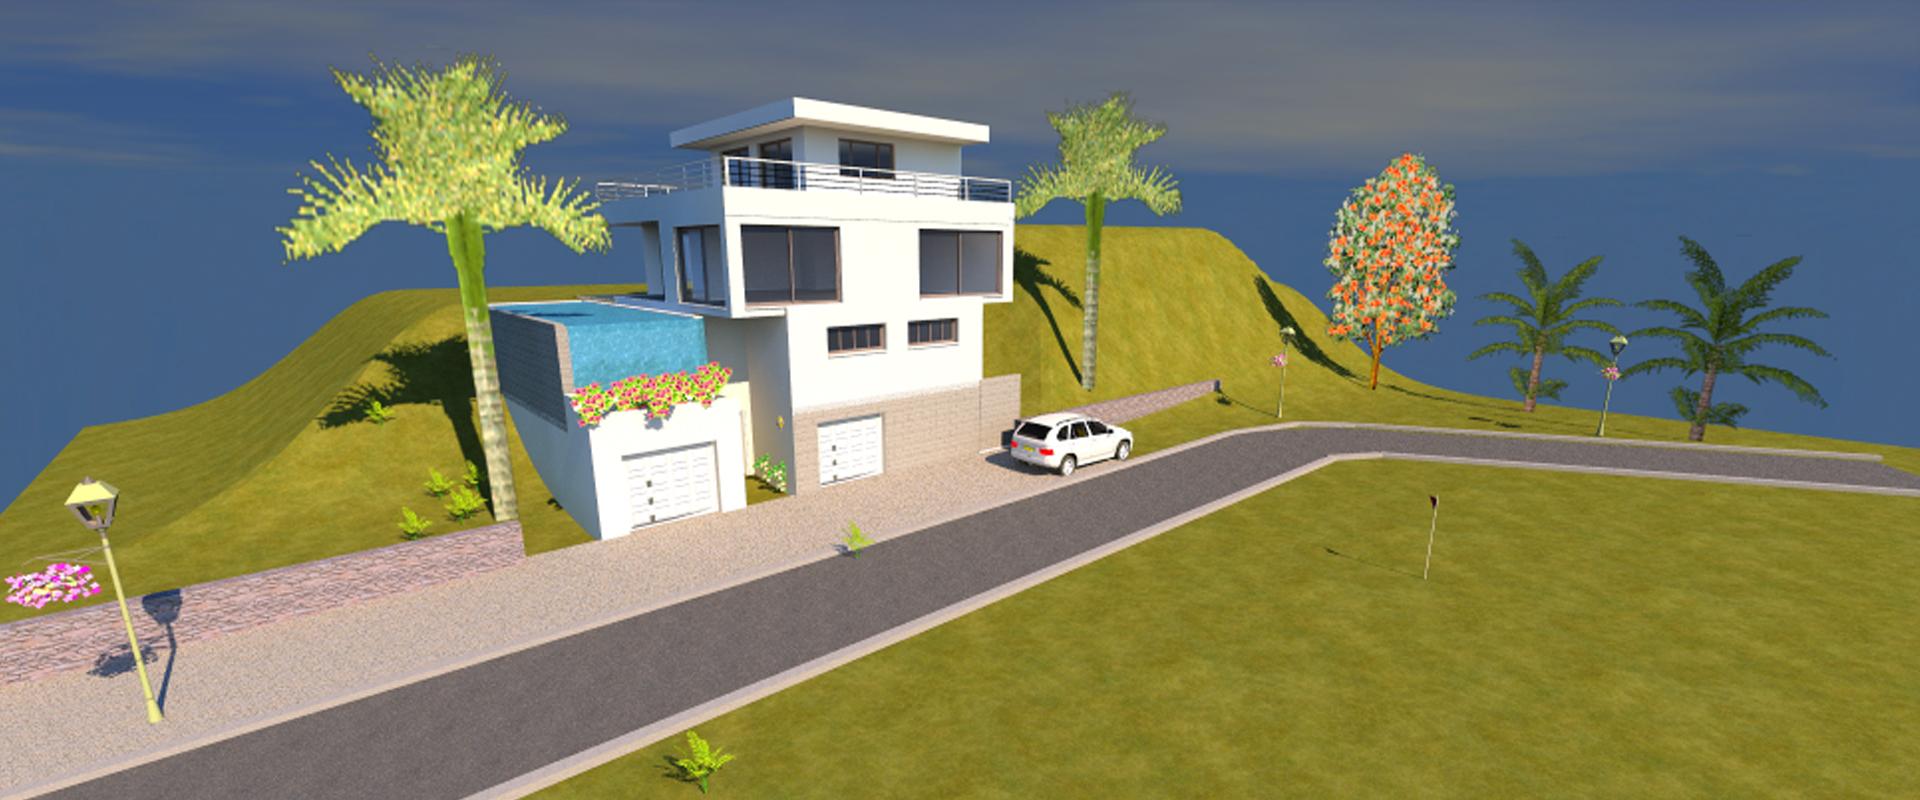 conception-plan-3d-maison-piscine-pays-basque